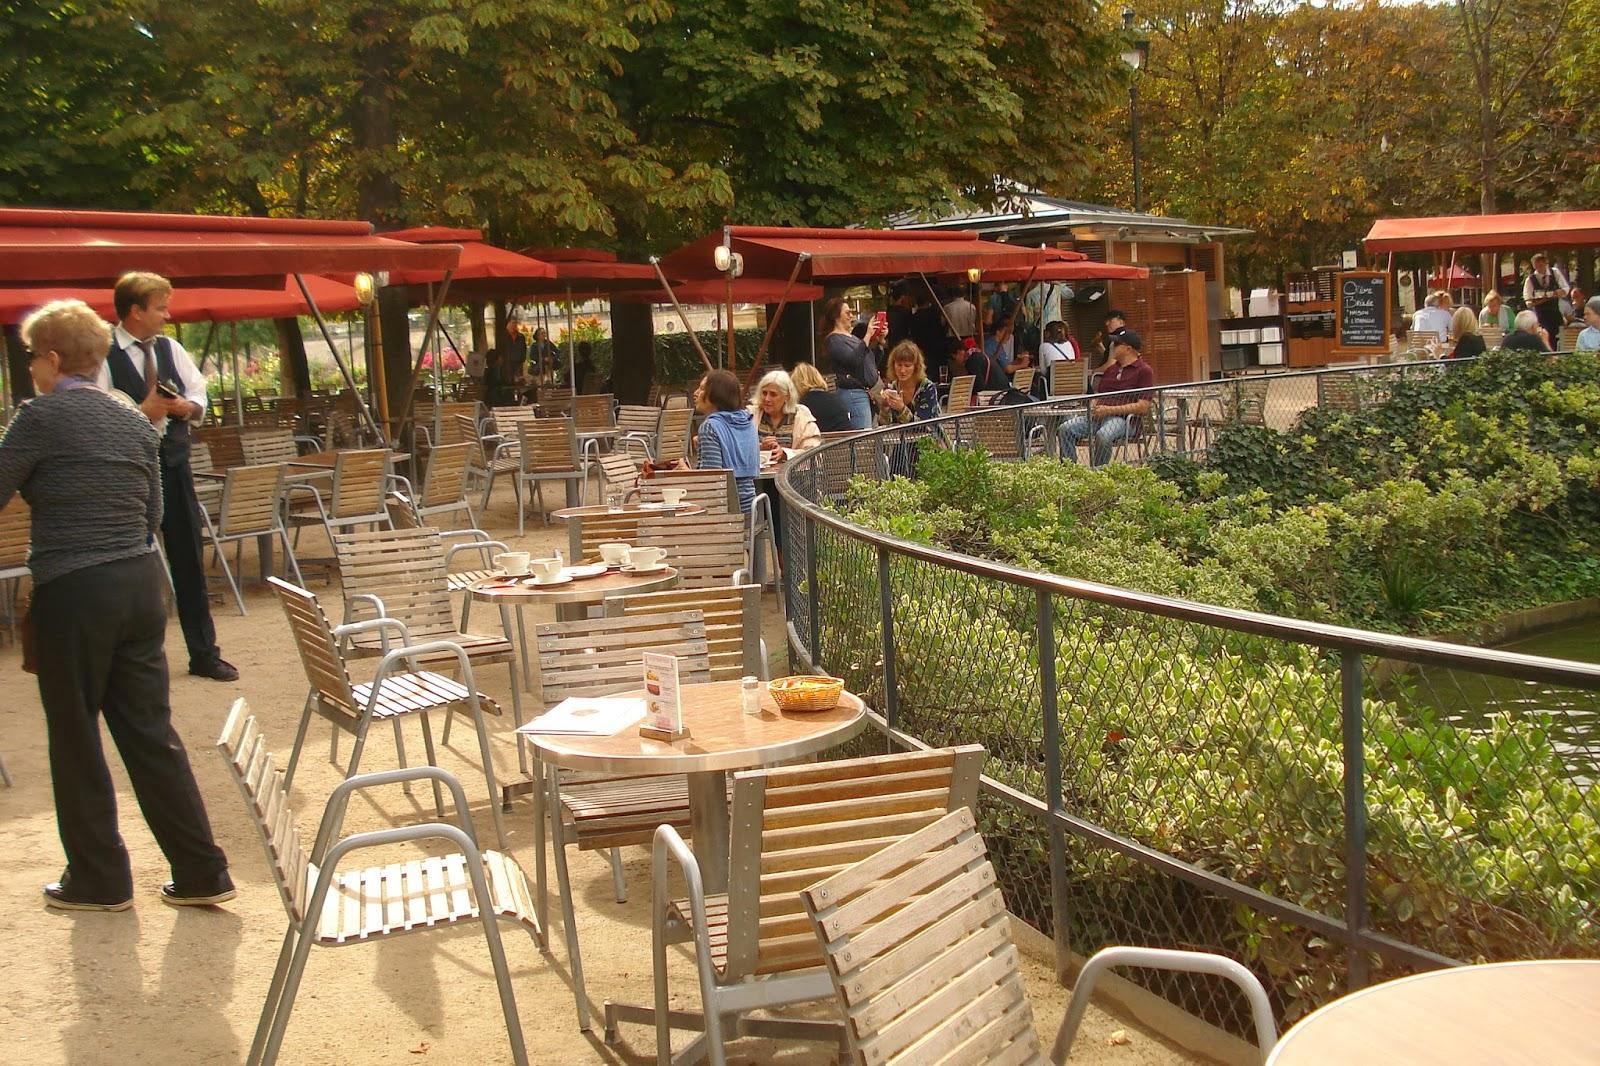 La terrasse de pomone un caf la campagne the terrasse de pomone a coffee place 39 in the - Jardin des tuileries restaurant ...